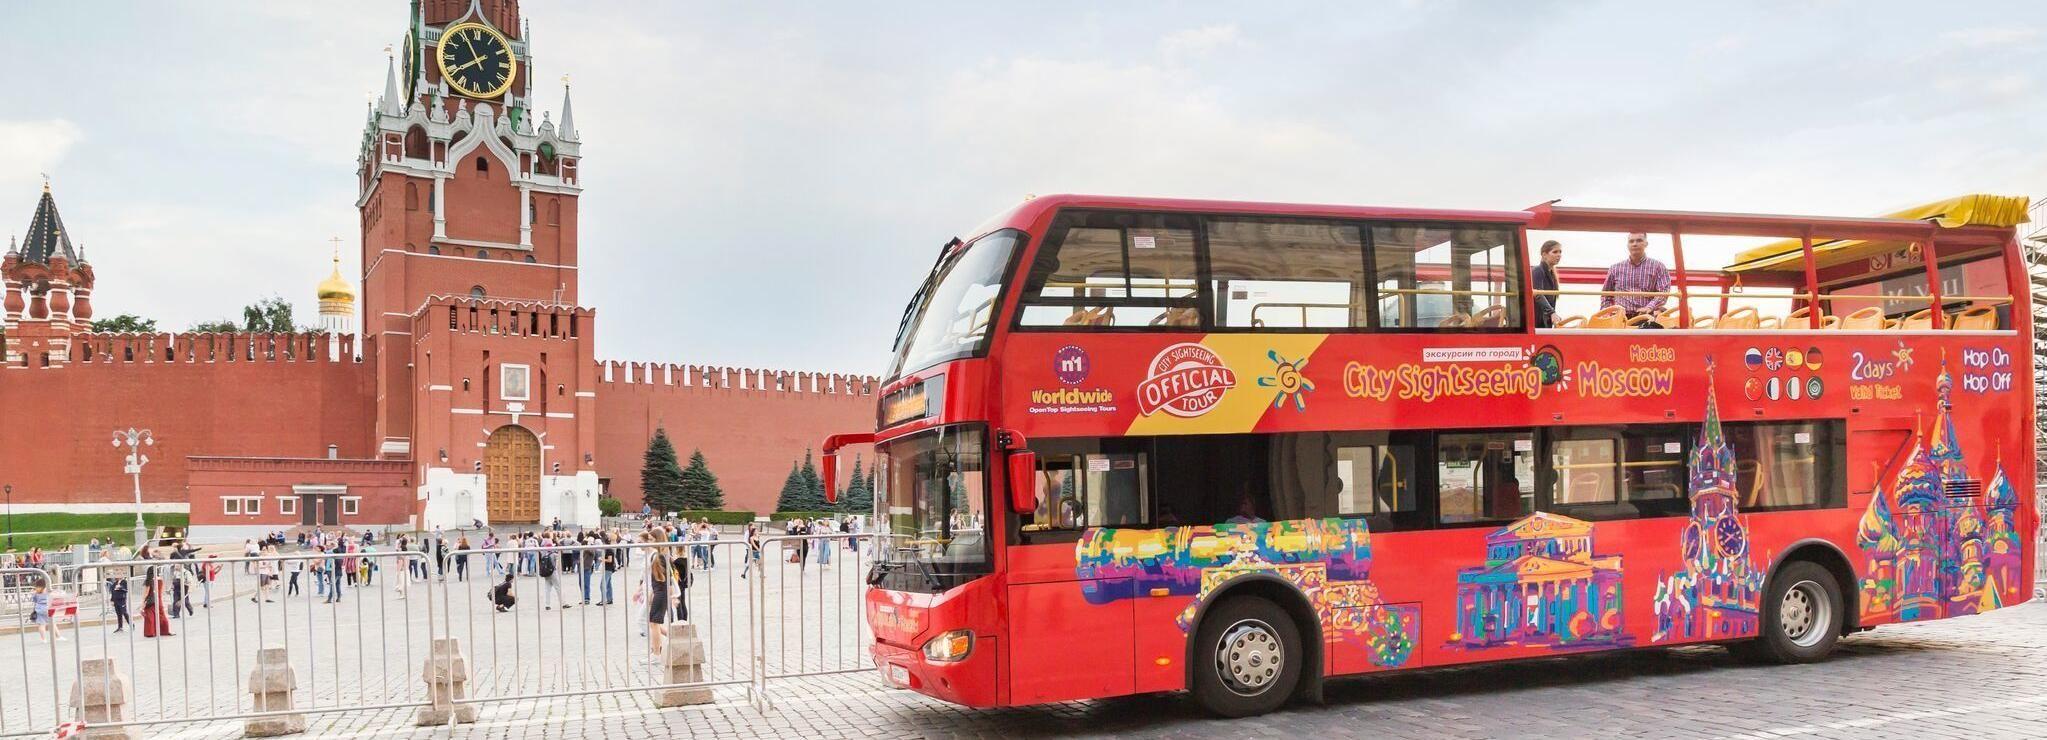 Moskva: Hop-on-hop-off-buss och båt som tilläggsalternativ